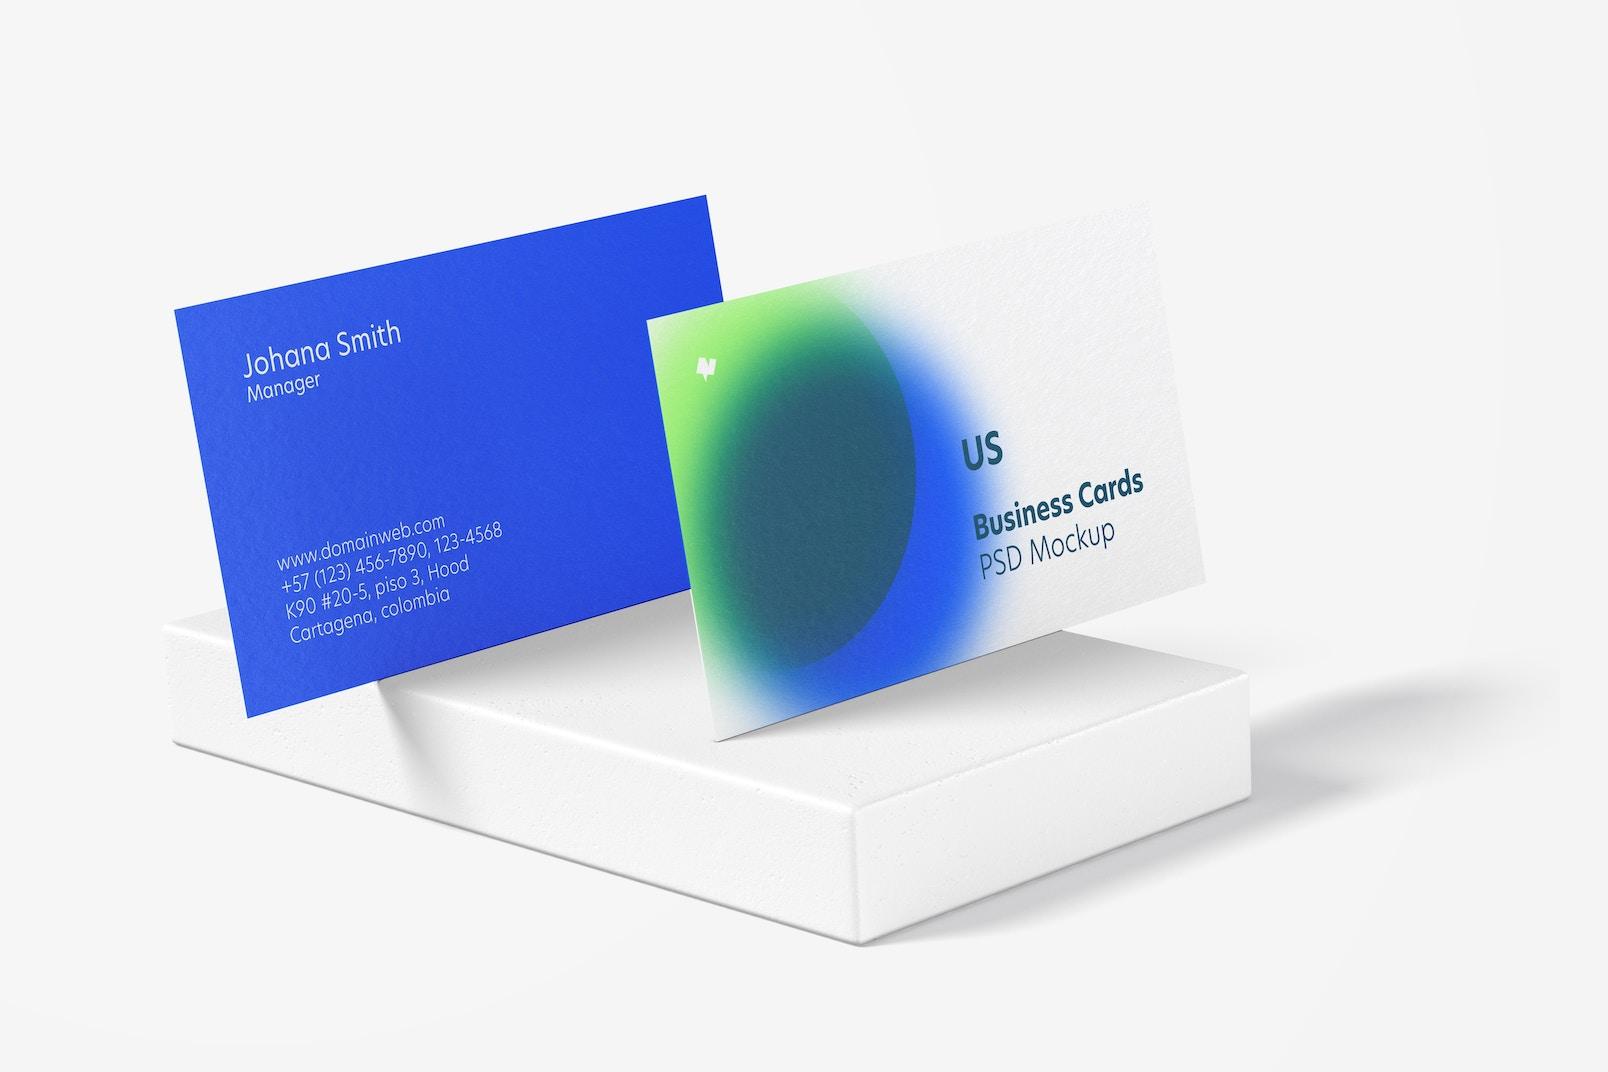 US Landscape Business Cards Mockup